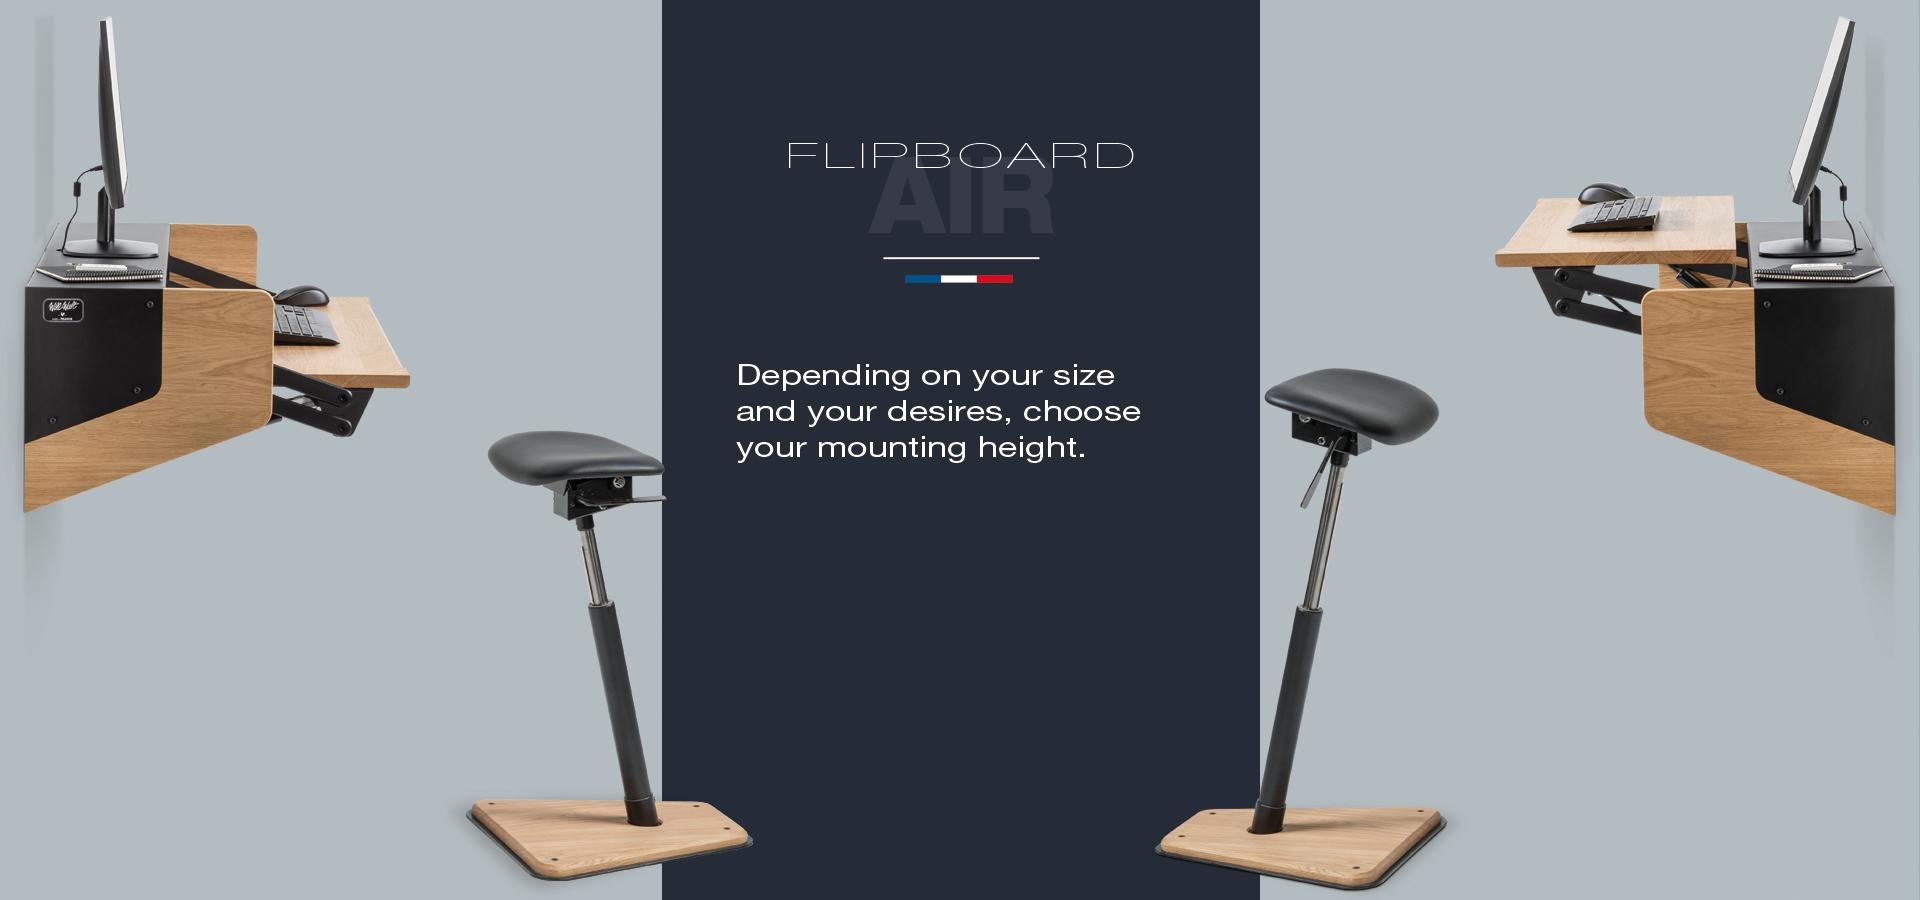 THE FLIPBOARD AIR